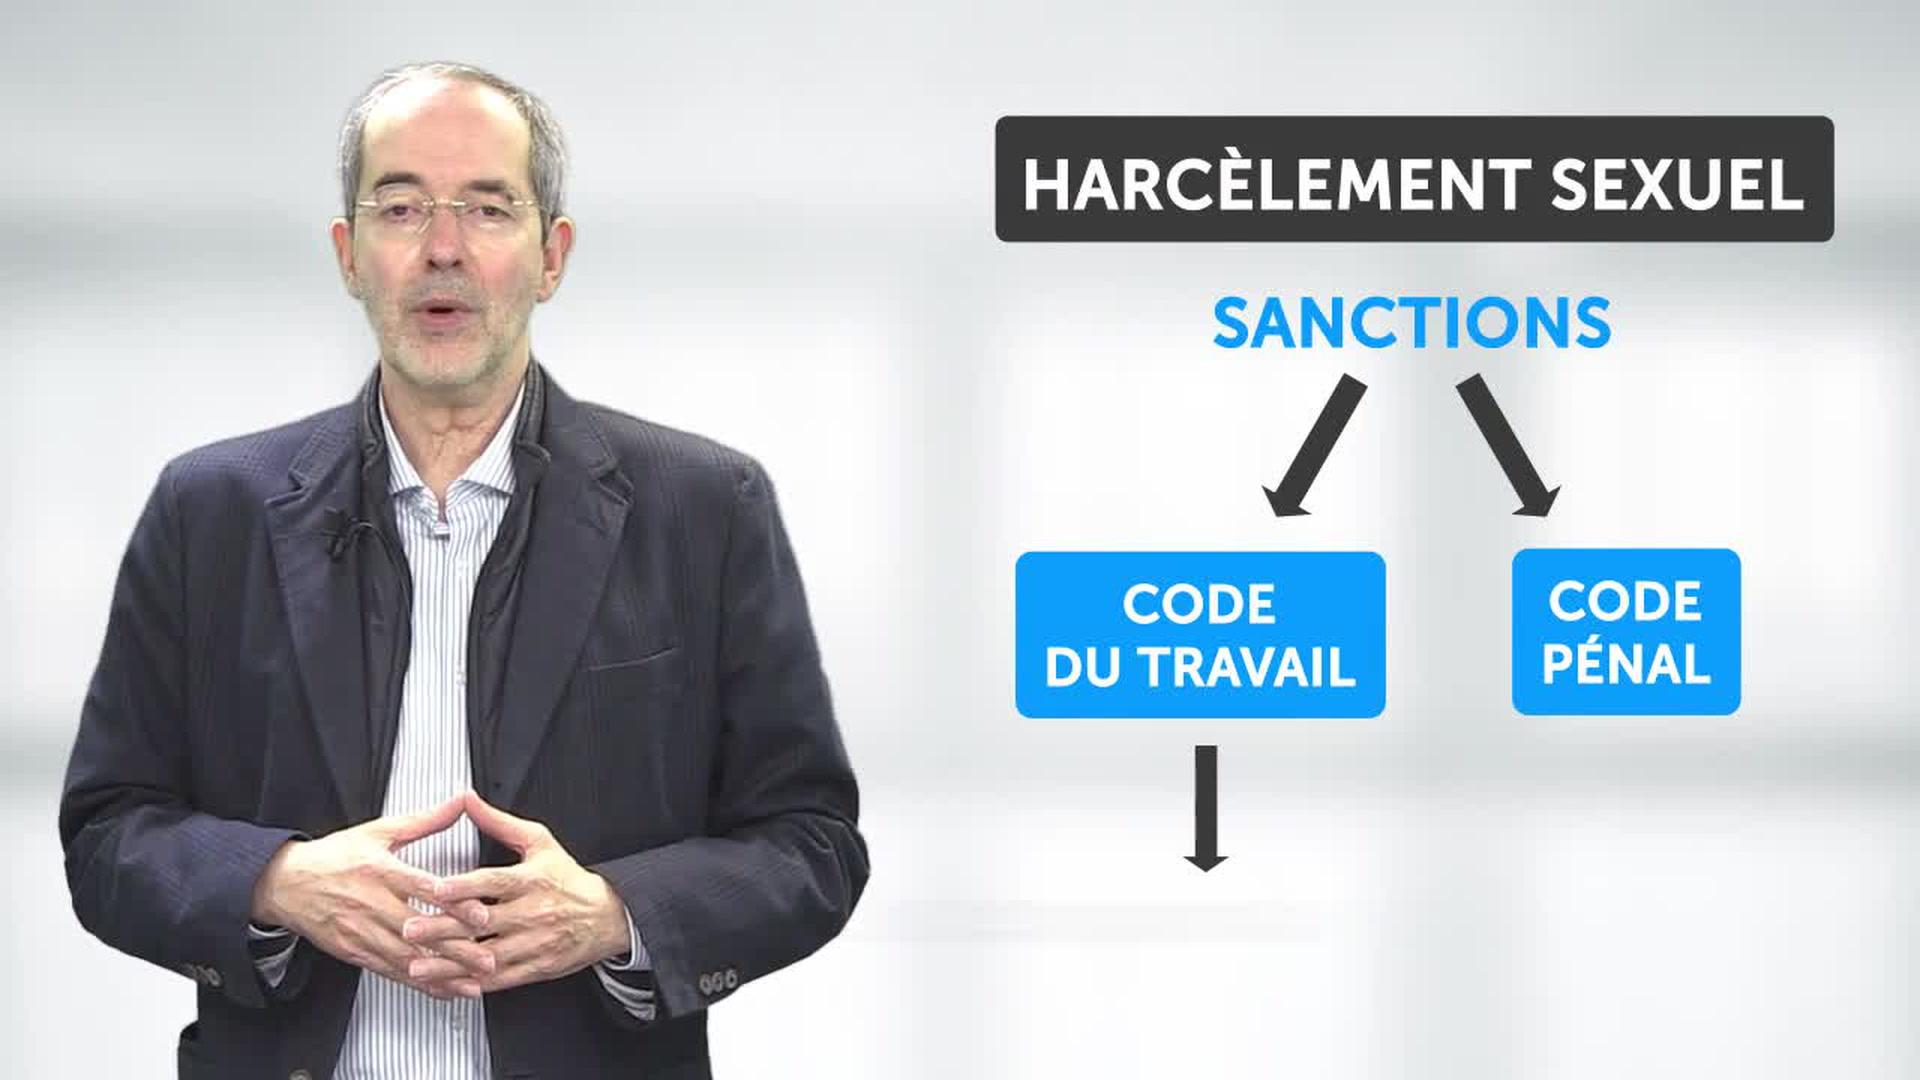 Modele De Lettre Signalement De Harcelement Moral Droit Finances